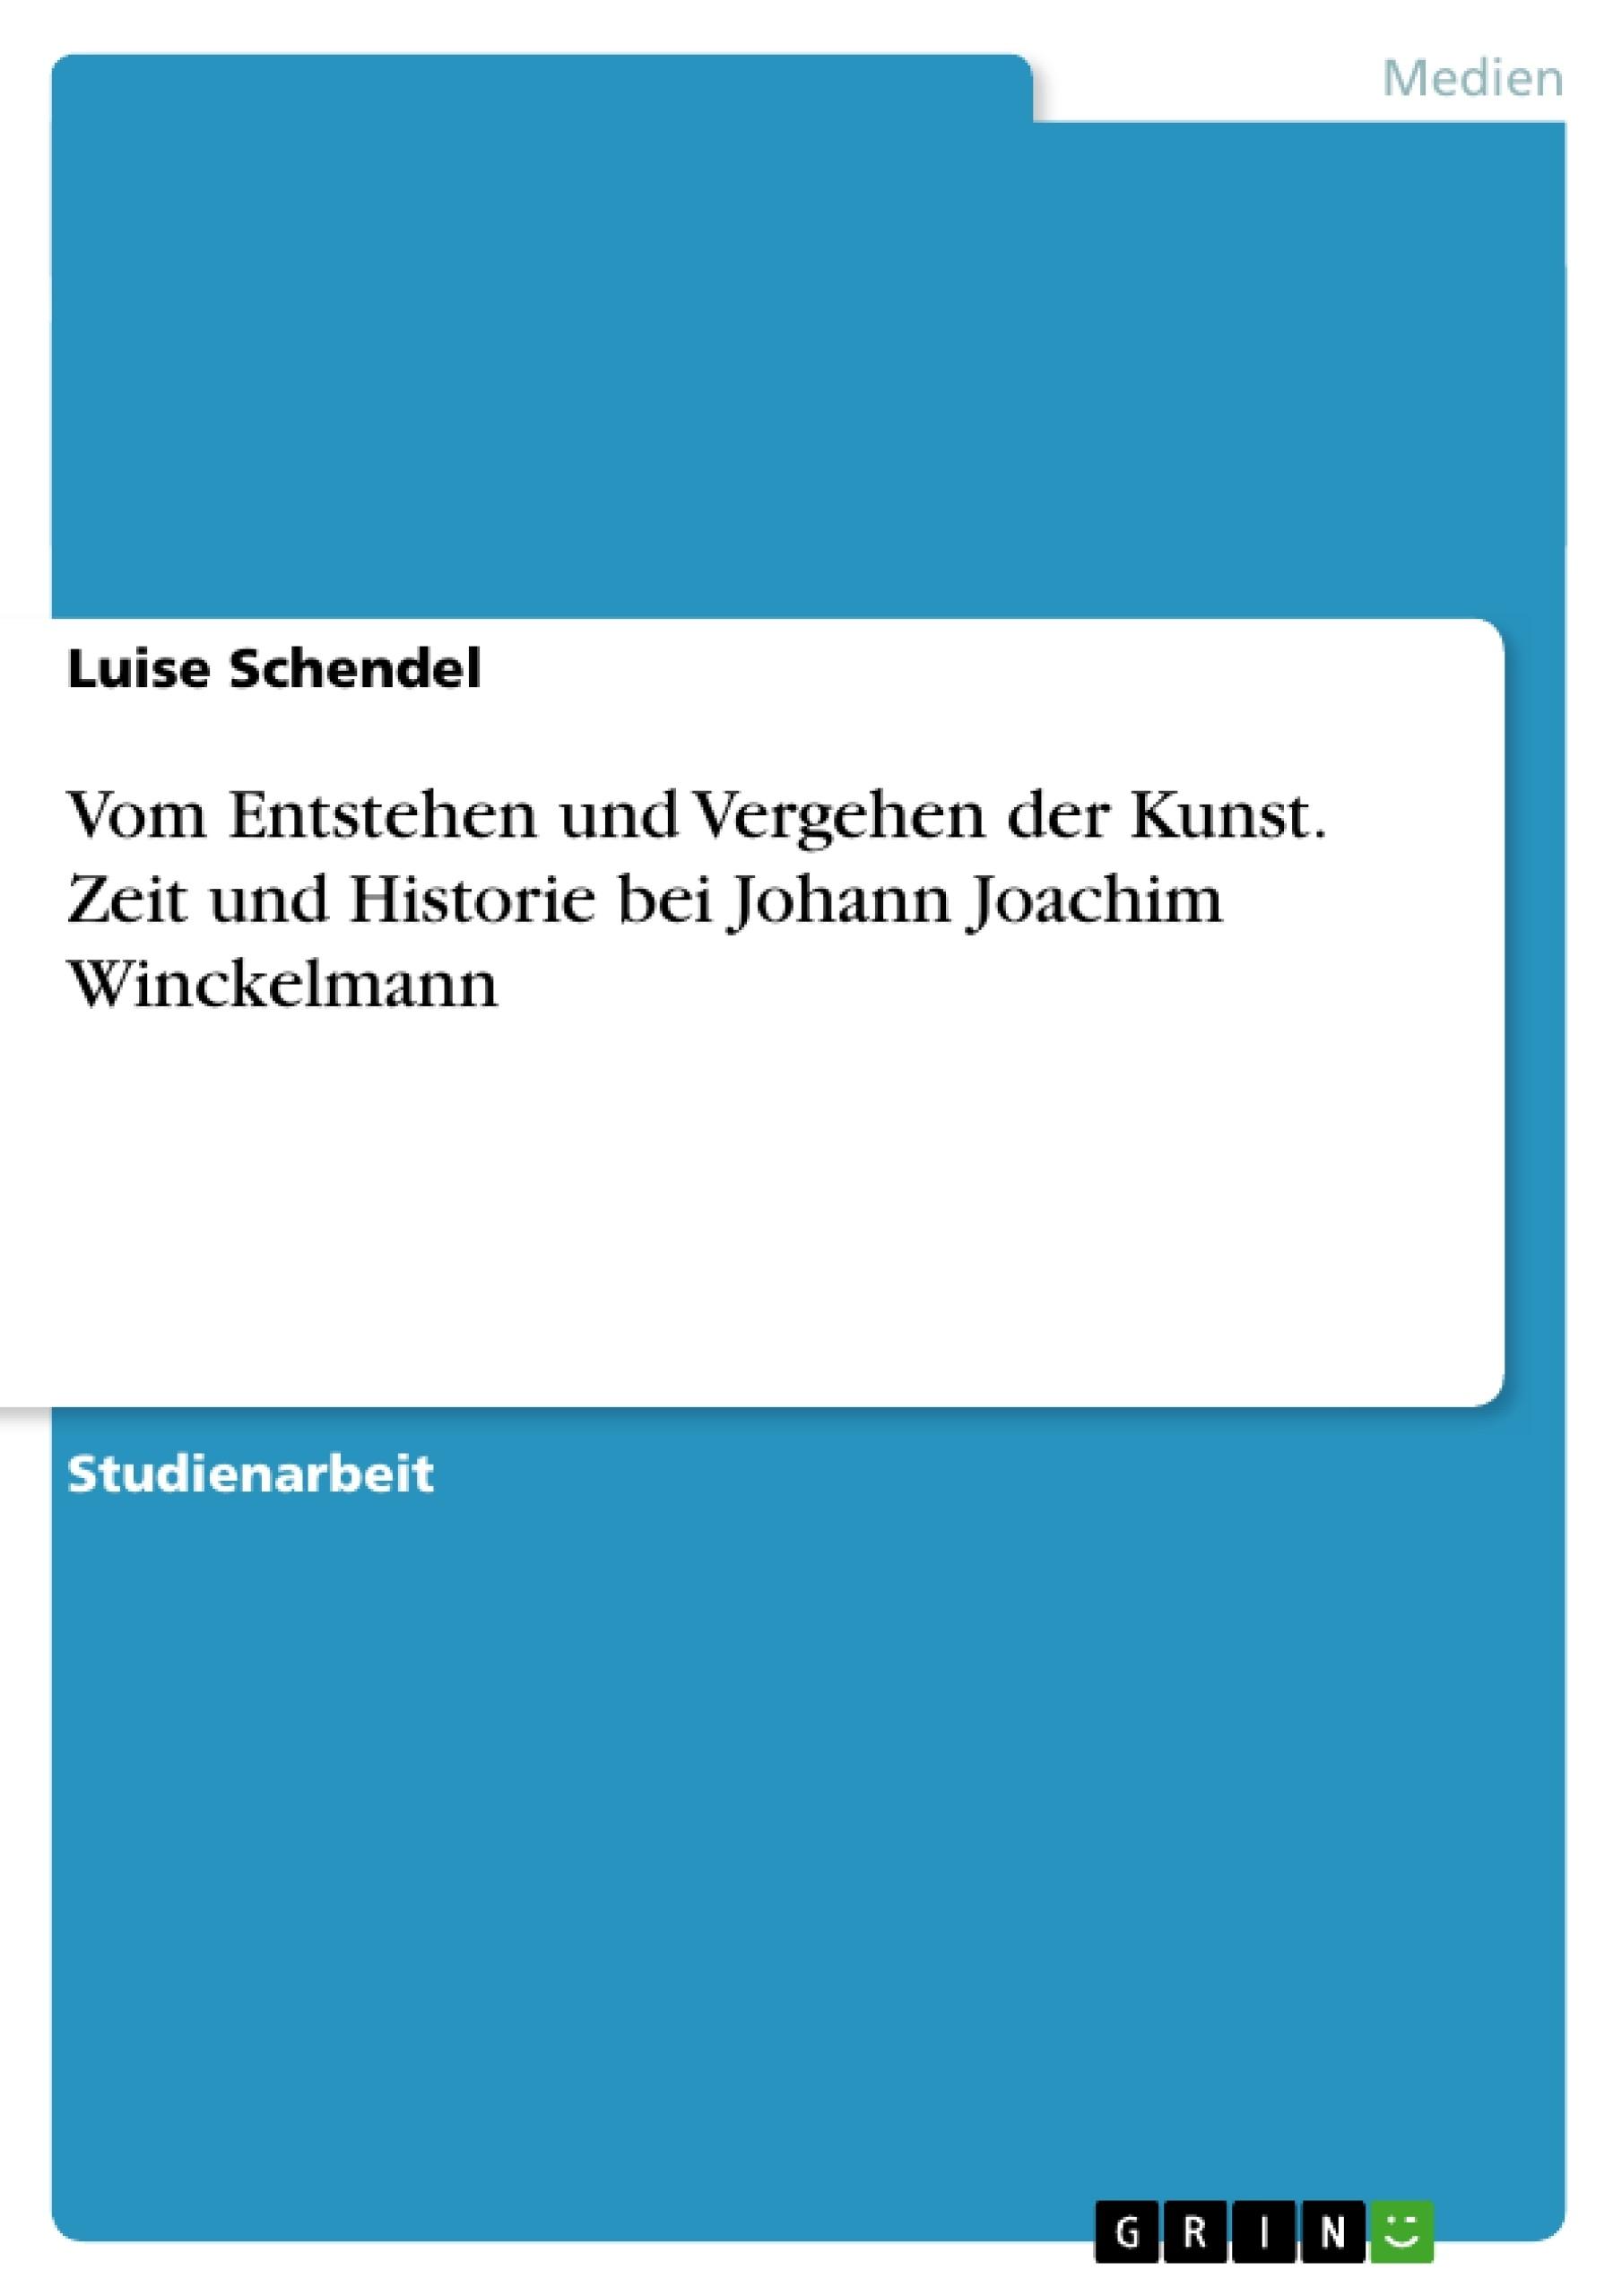 Titel: Vom Entstehen und Vergehen der Kunst. Zeit und Historie bei Johann Joachim Winckelmann